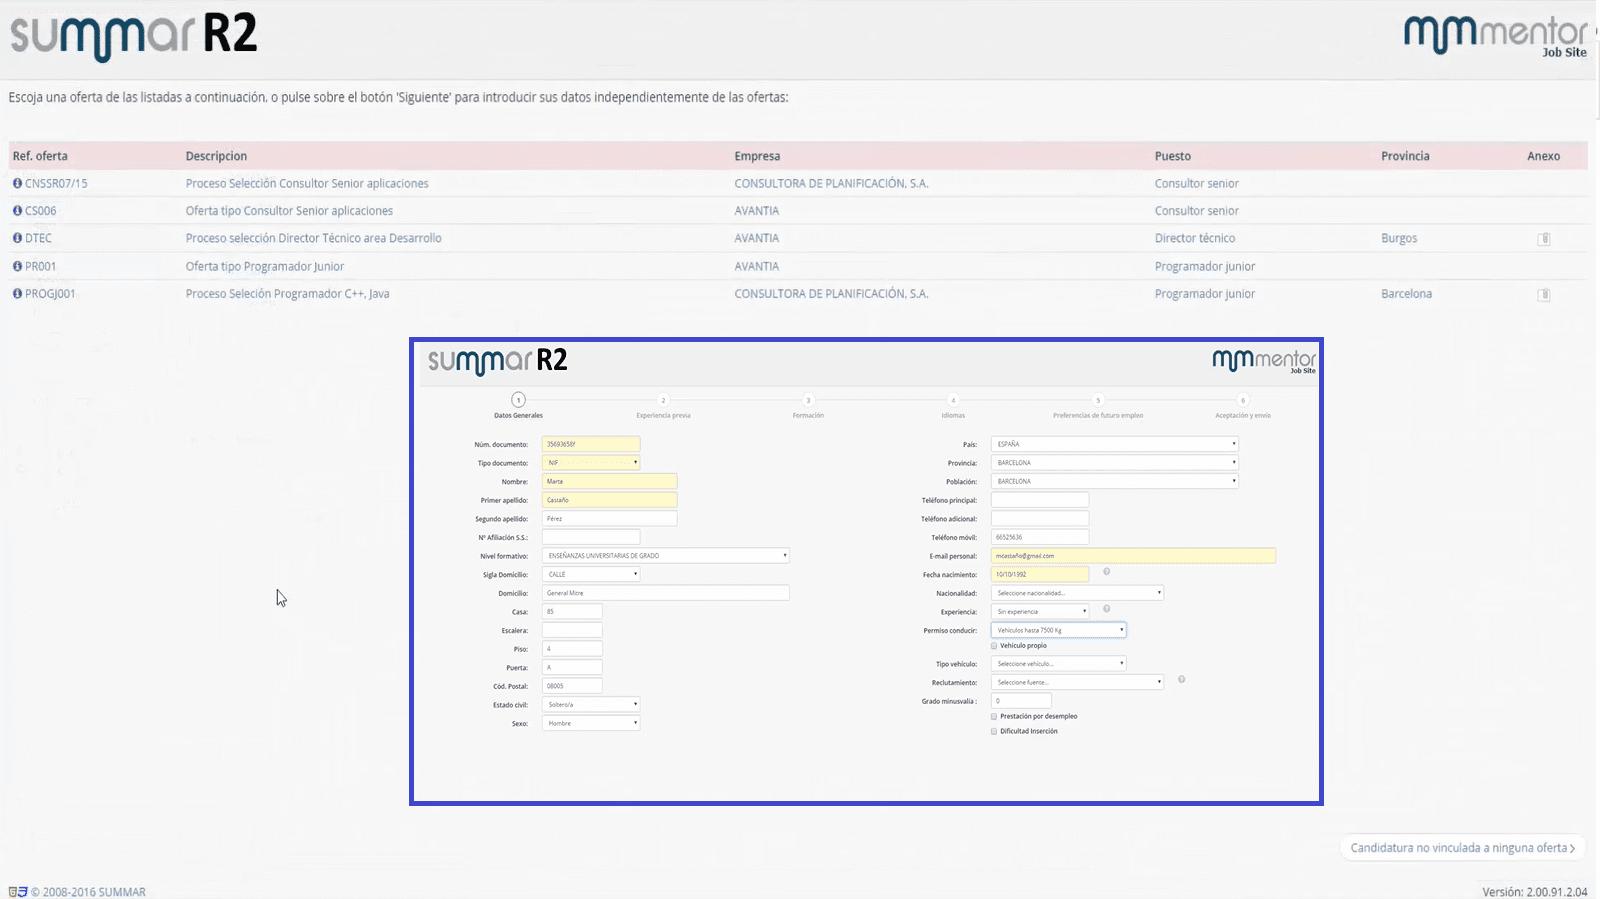 Puedes gestionar toda la documentación de los procesos de selección de tu empresa.